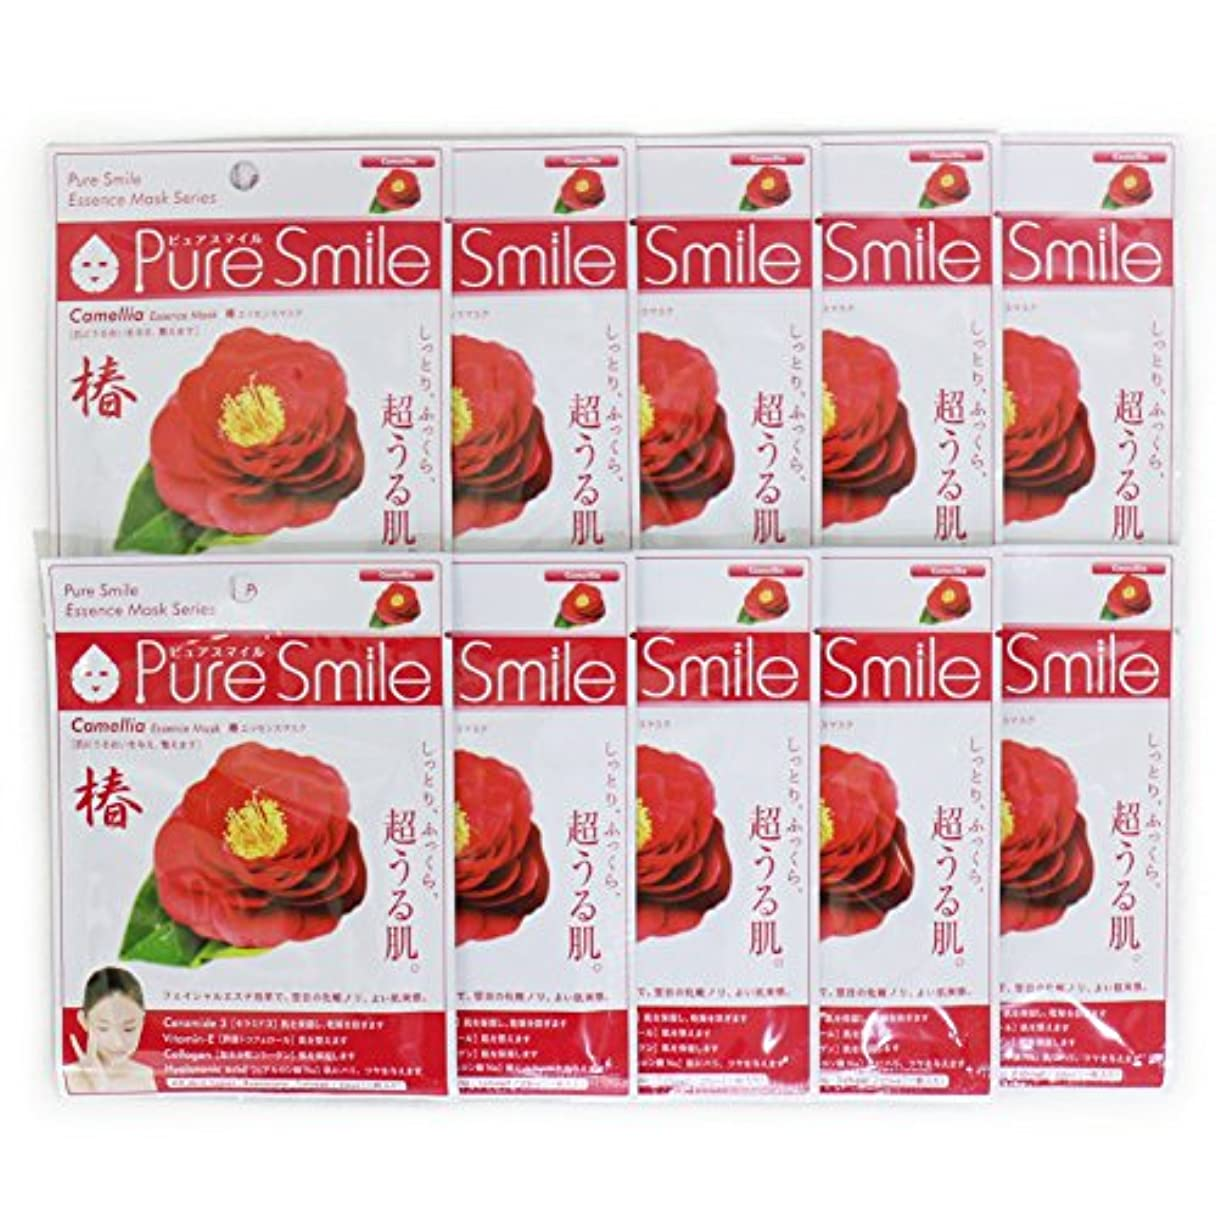 レンズ無数の納屋Pure Smile ピュアスマイル エッセンスマスク 椿 10枚セット